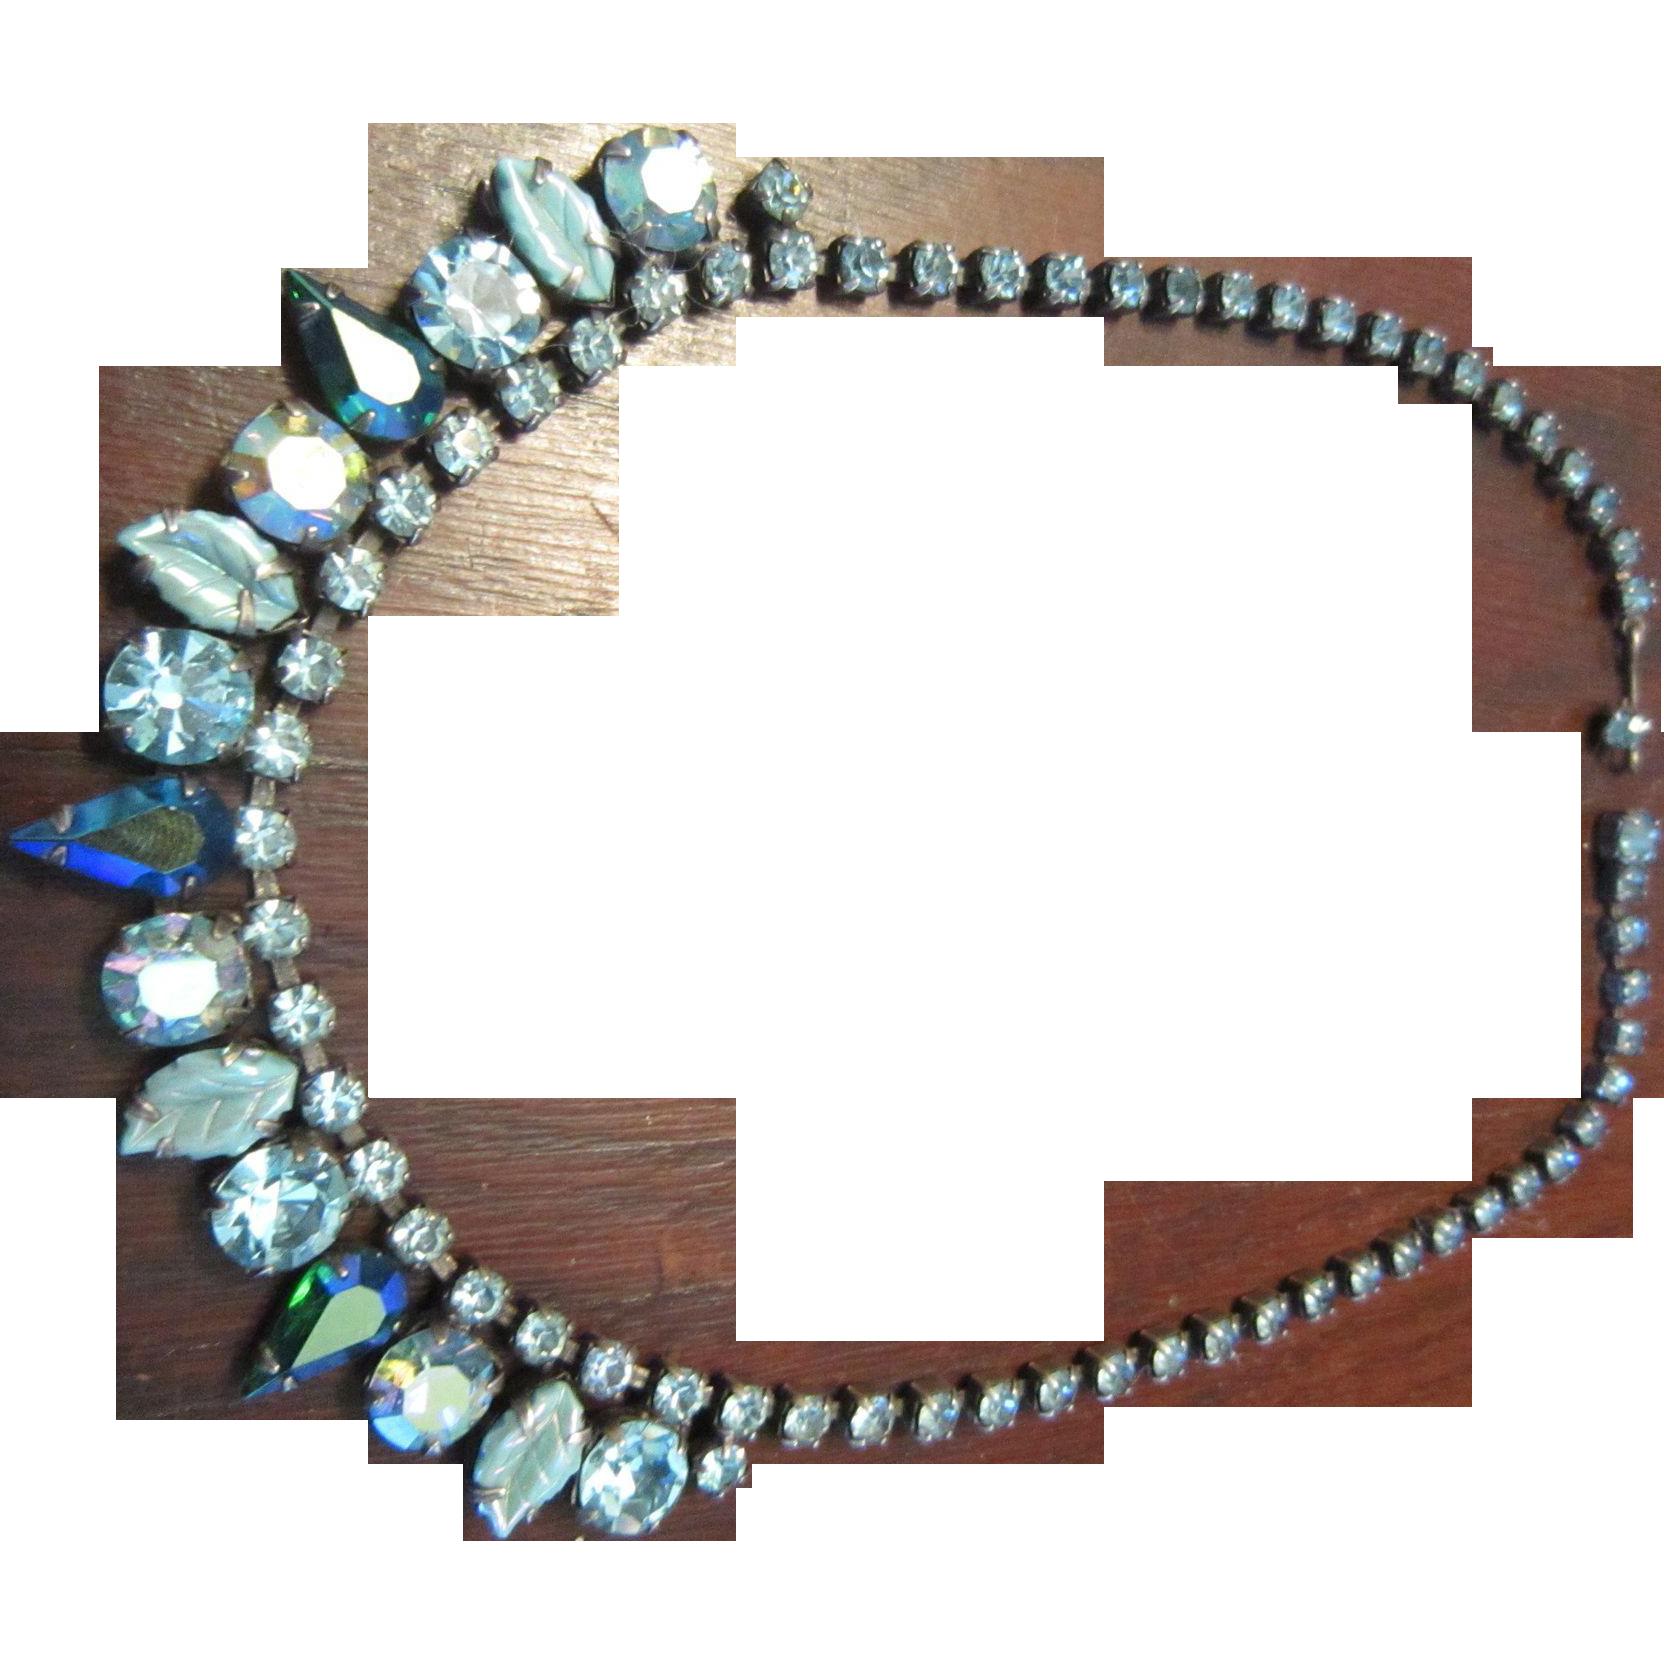 Regency Rhinestone Necklace in Blues